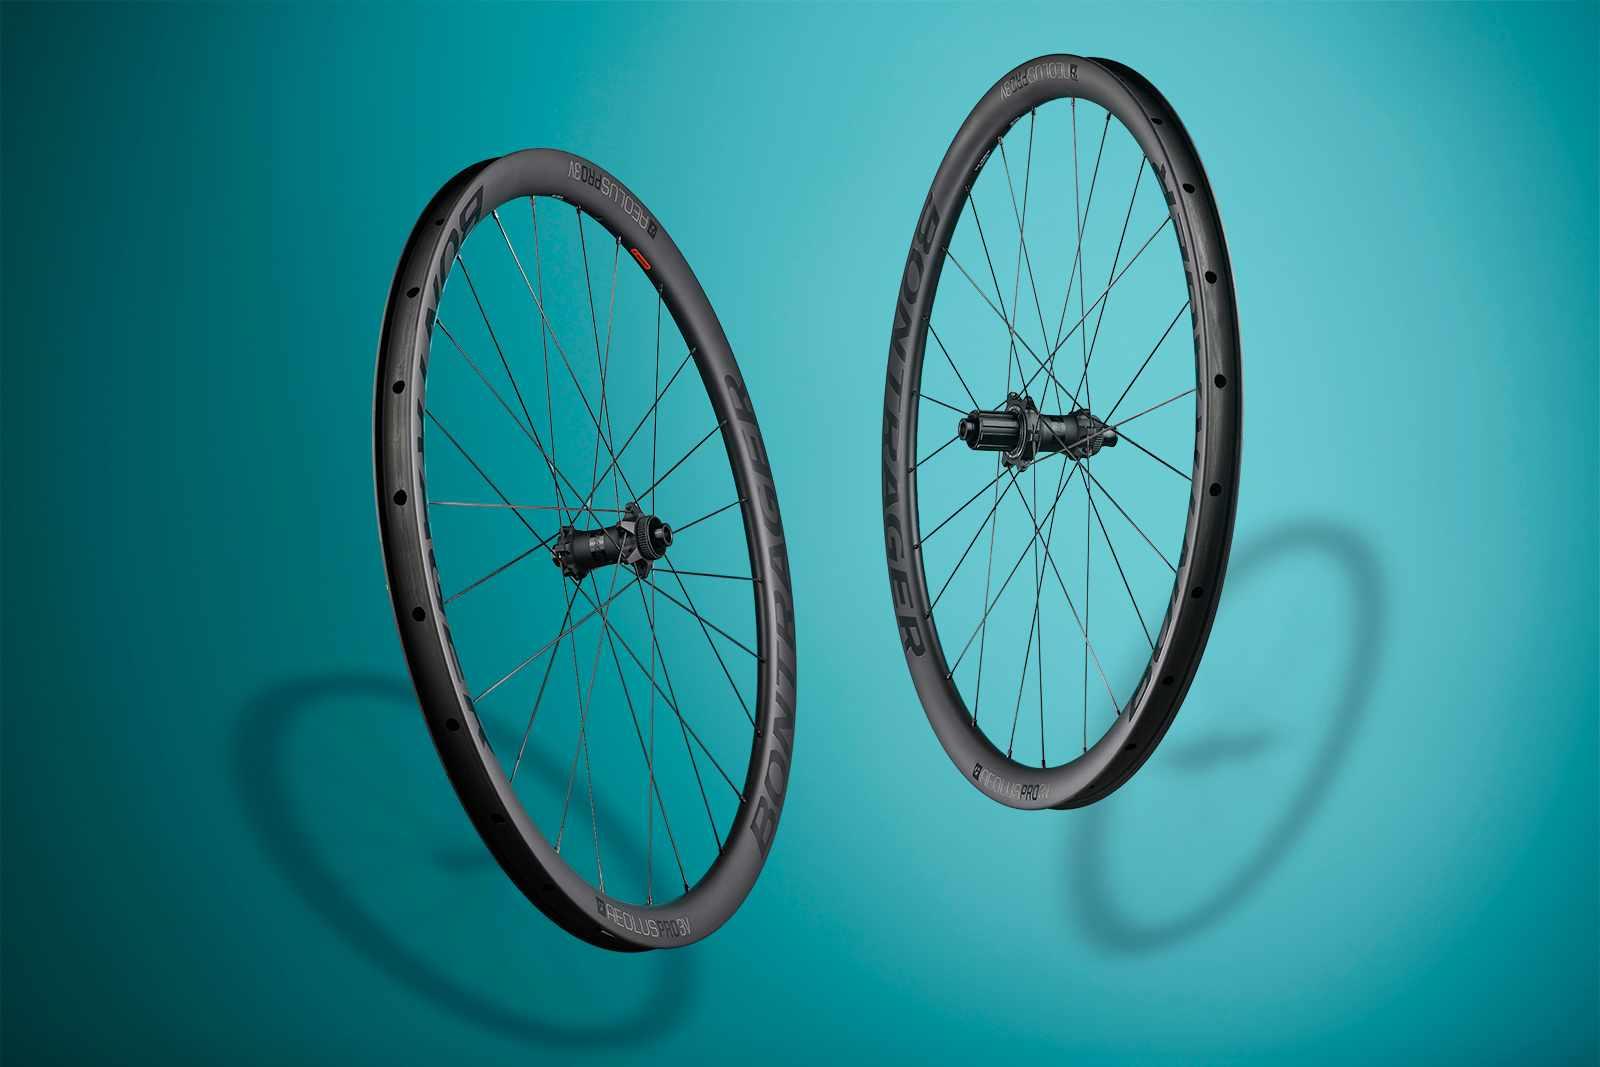 Best road bike wheels 2021 | 20 road wheelsets tried and tested - BikeRadar